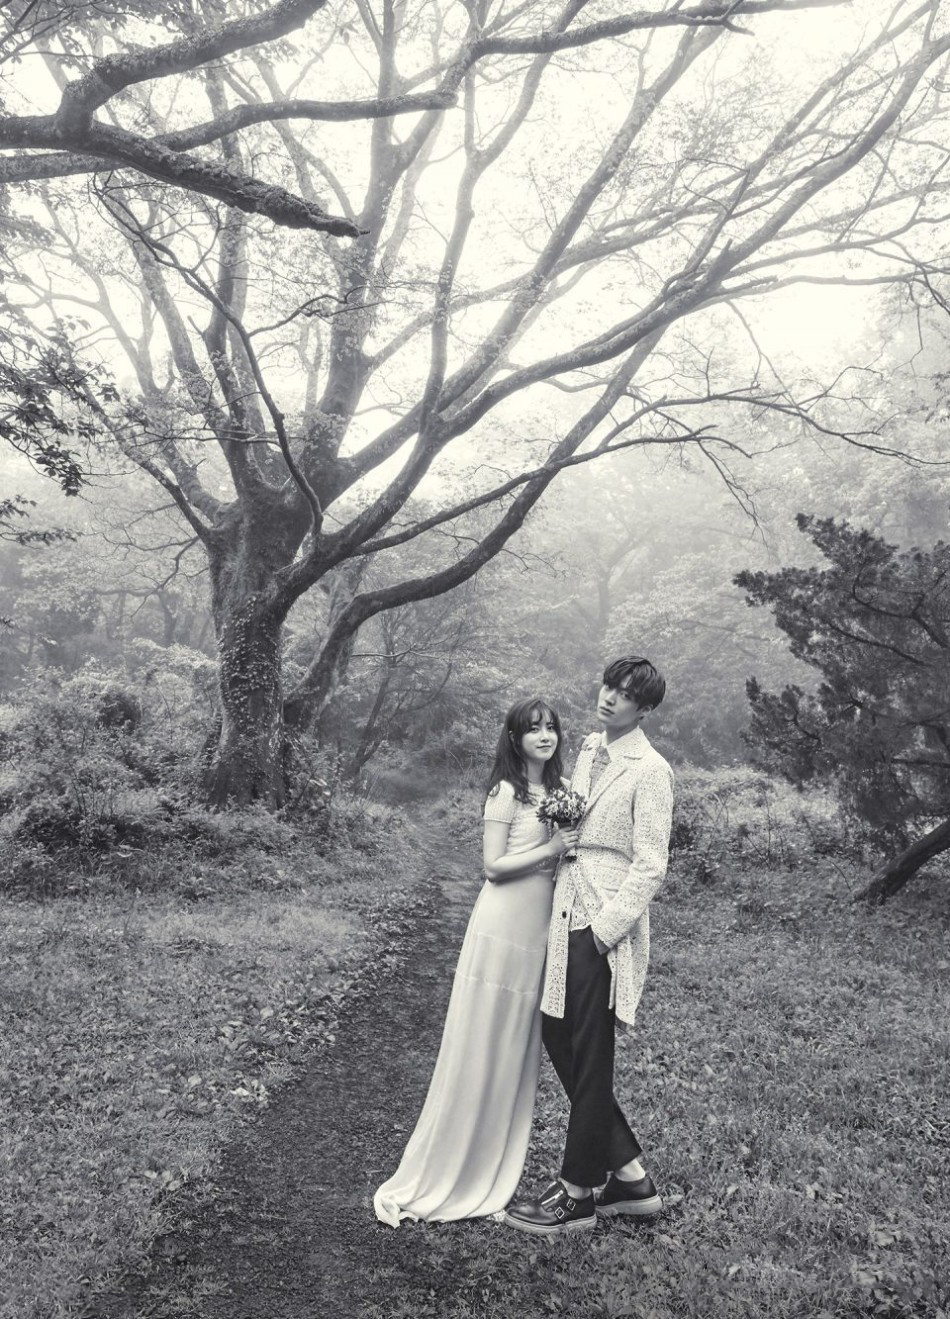 安宰贤具惠善情侣写真,具惠善安宰贤写真,具惠善安宰贤结婚